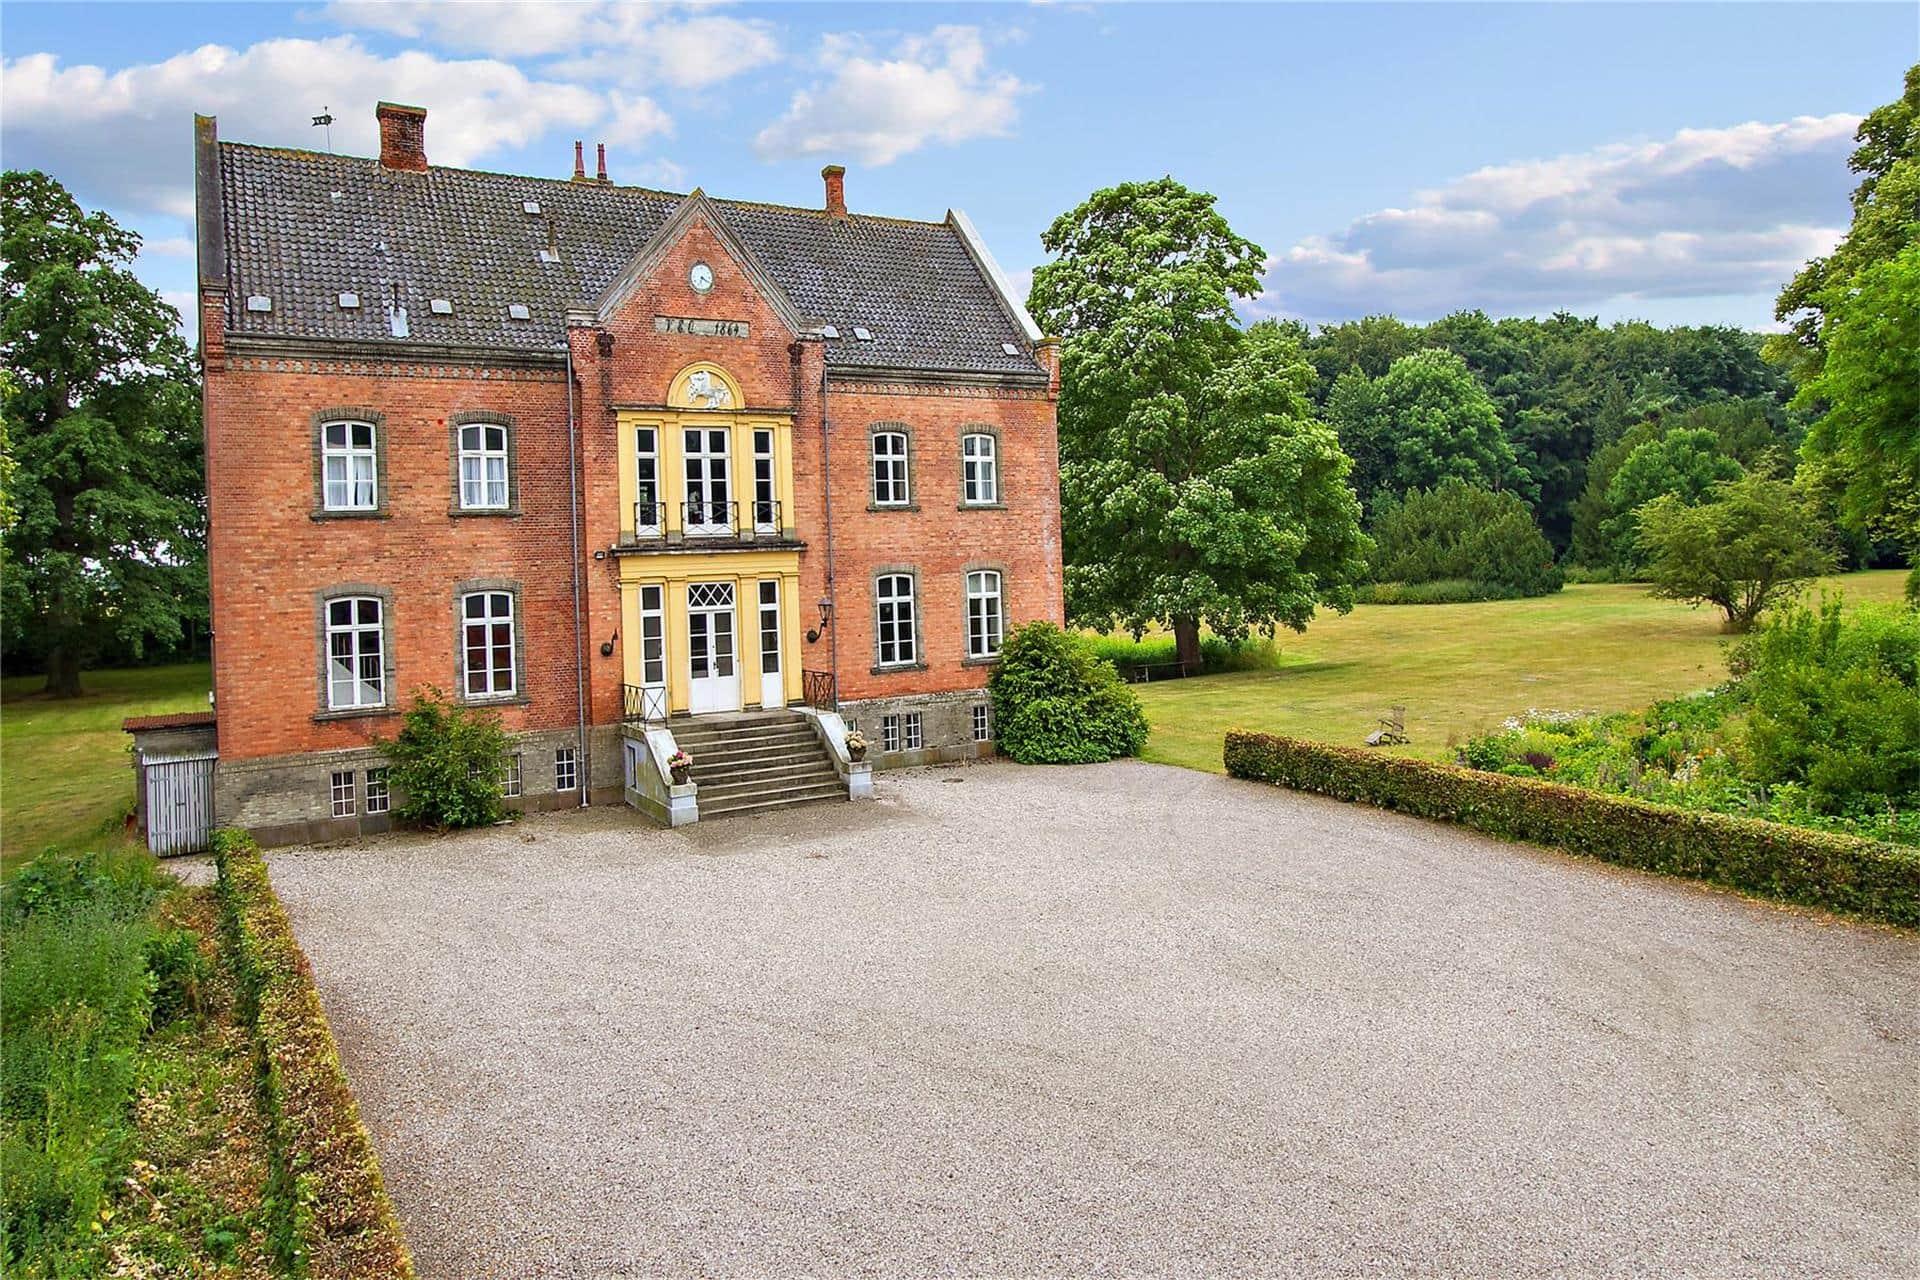 Billede 1-3 Sommerhus S90128, Gerdrupvej 135, DK - 4230 Skælskør